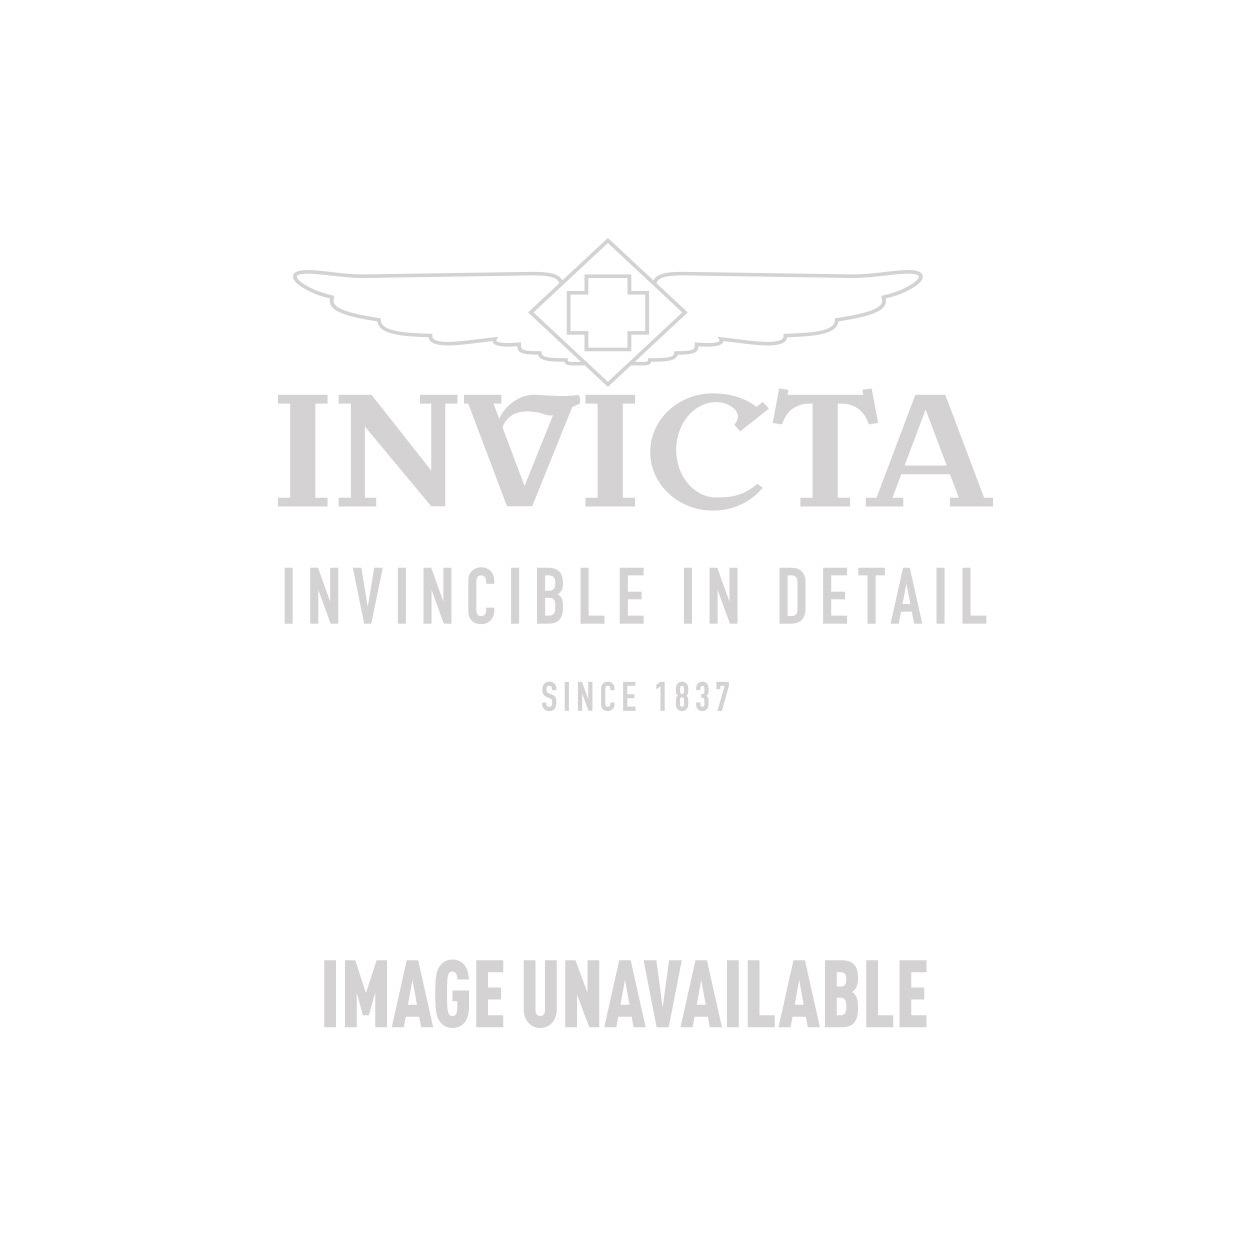 Invicta Model 27569